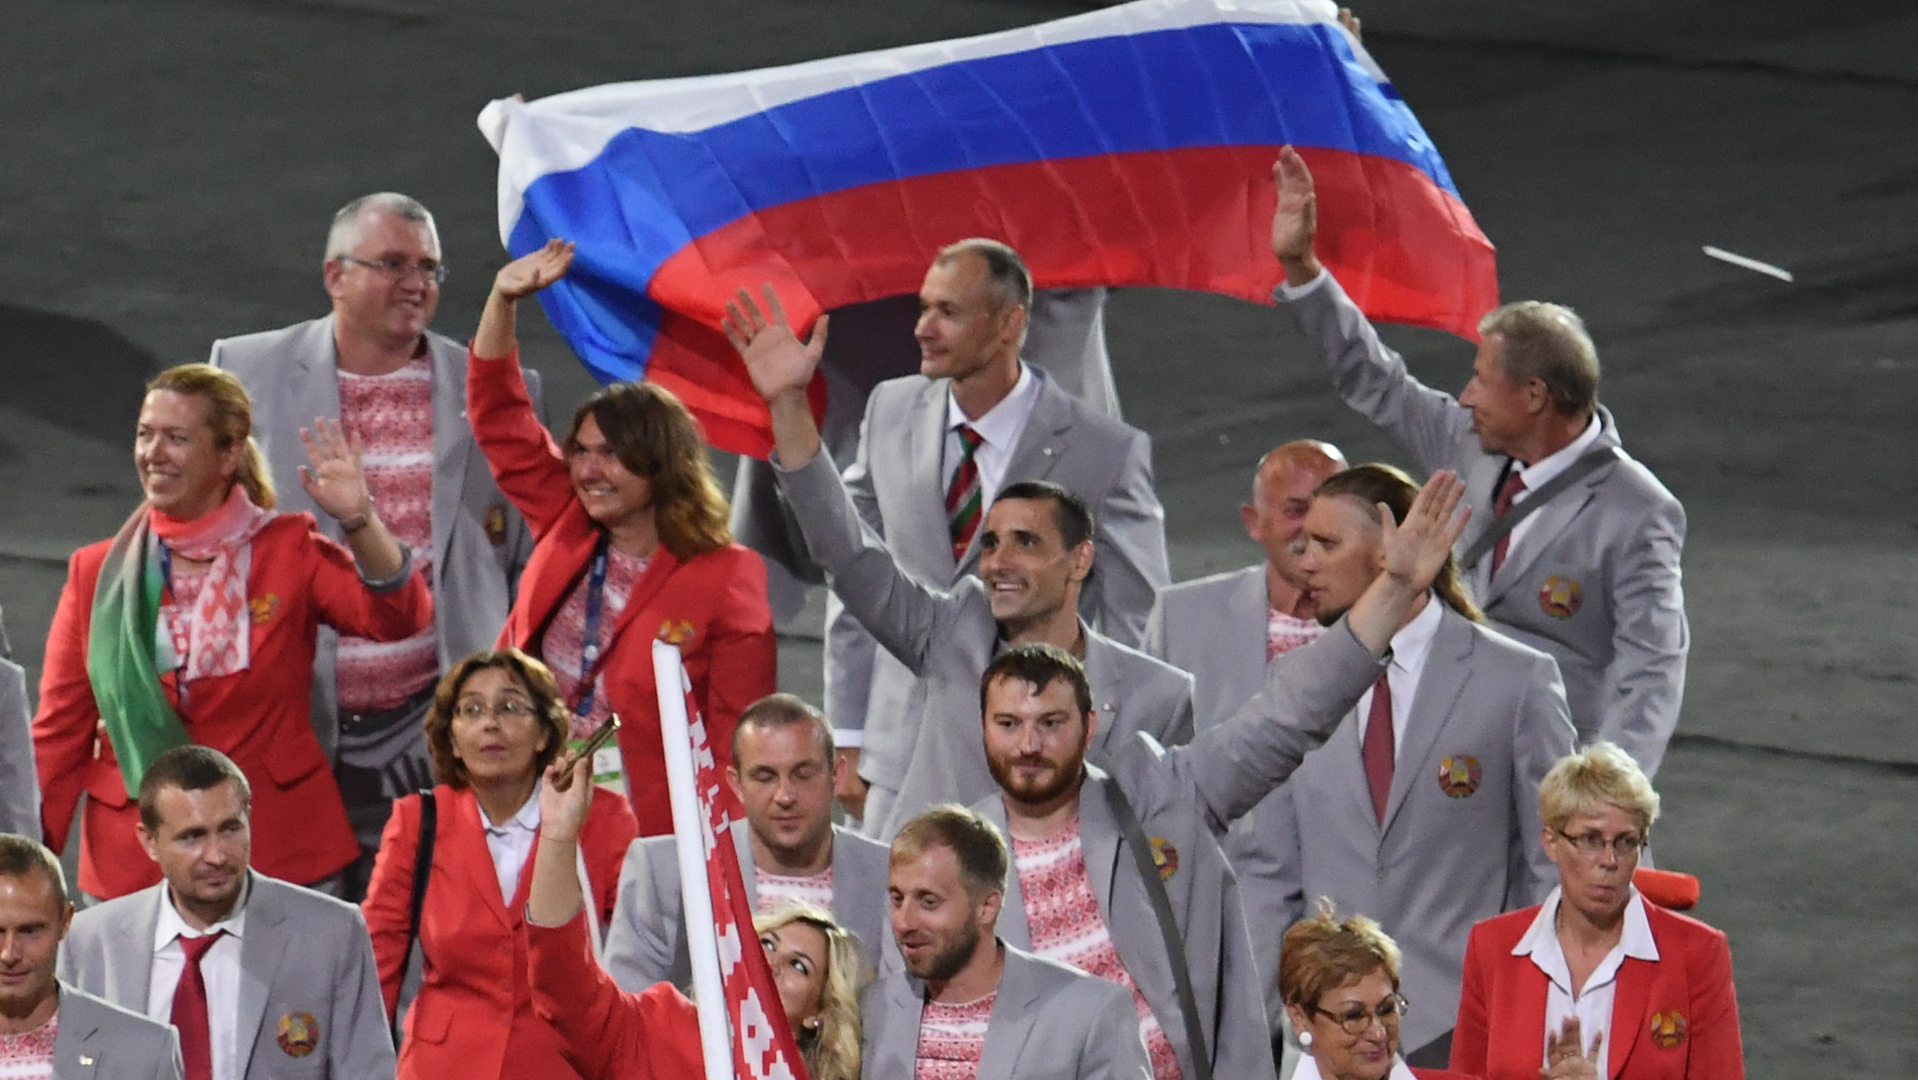 «Спасибо, Белоруссия»: реакция пользователей сети на российский флаг на Паралимпиаде